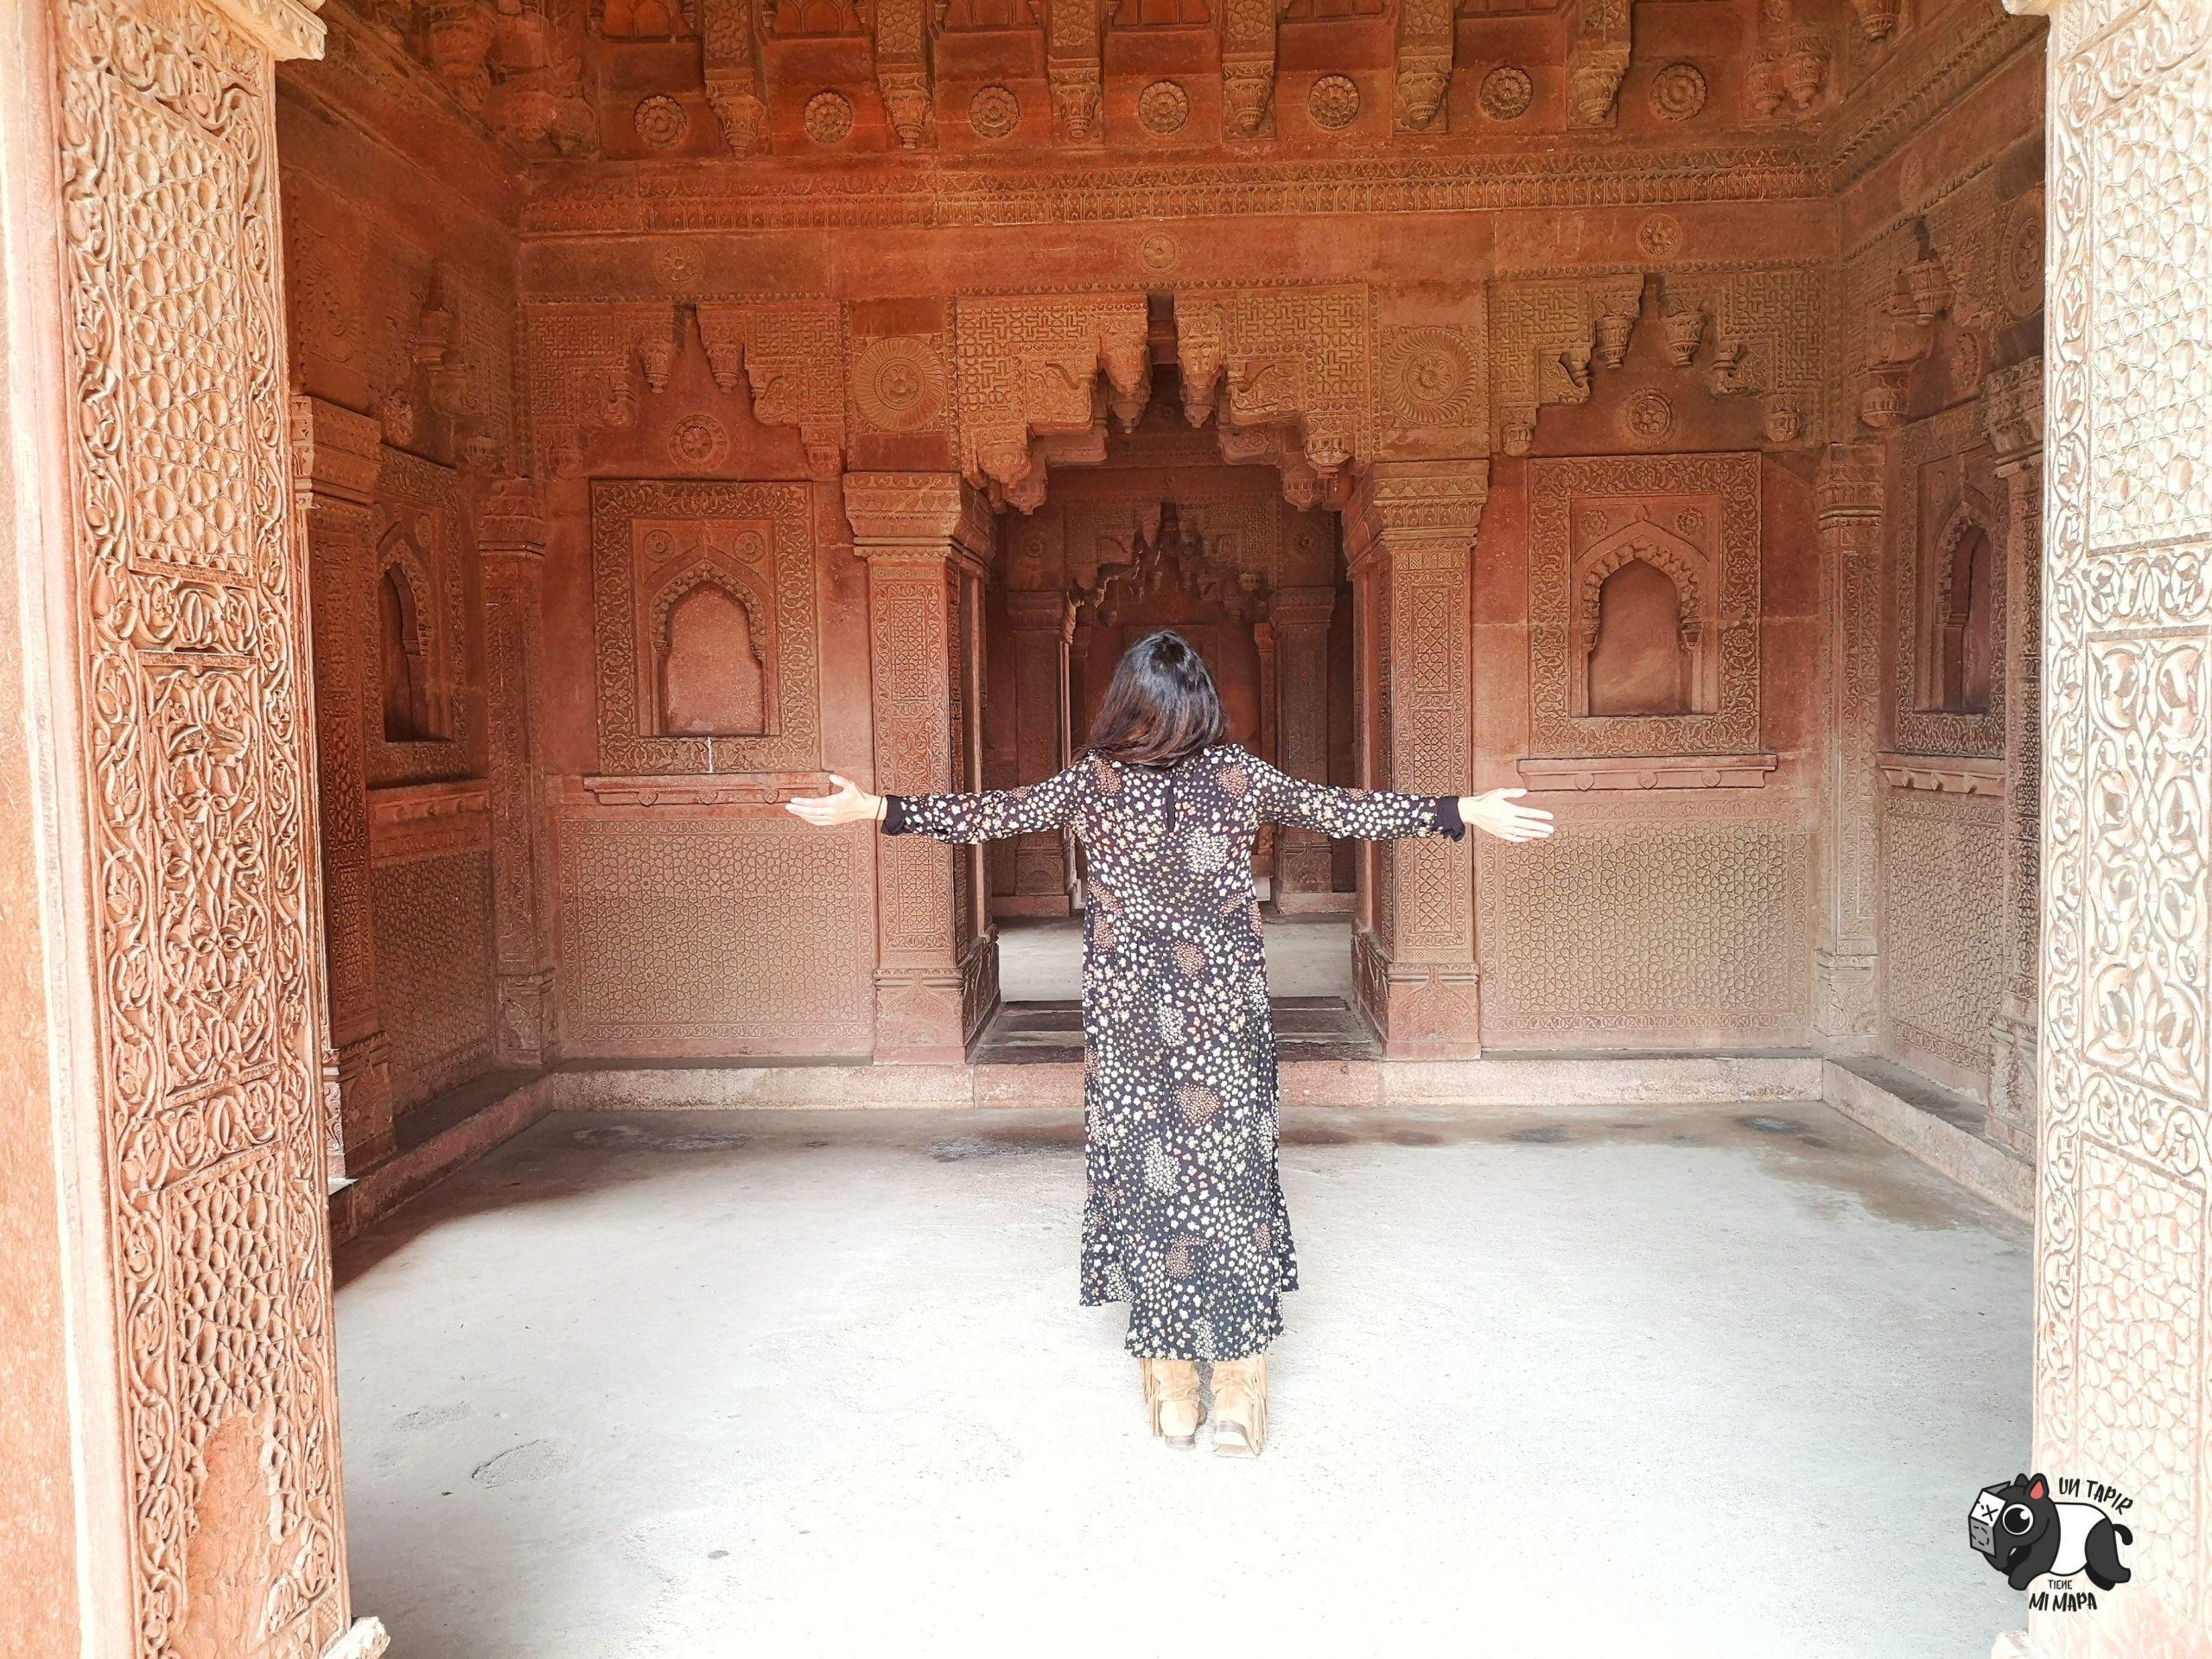 Imagen del interior de uno de los edificios de Fatehpur Sikri